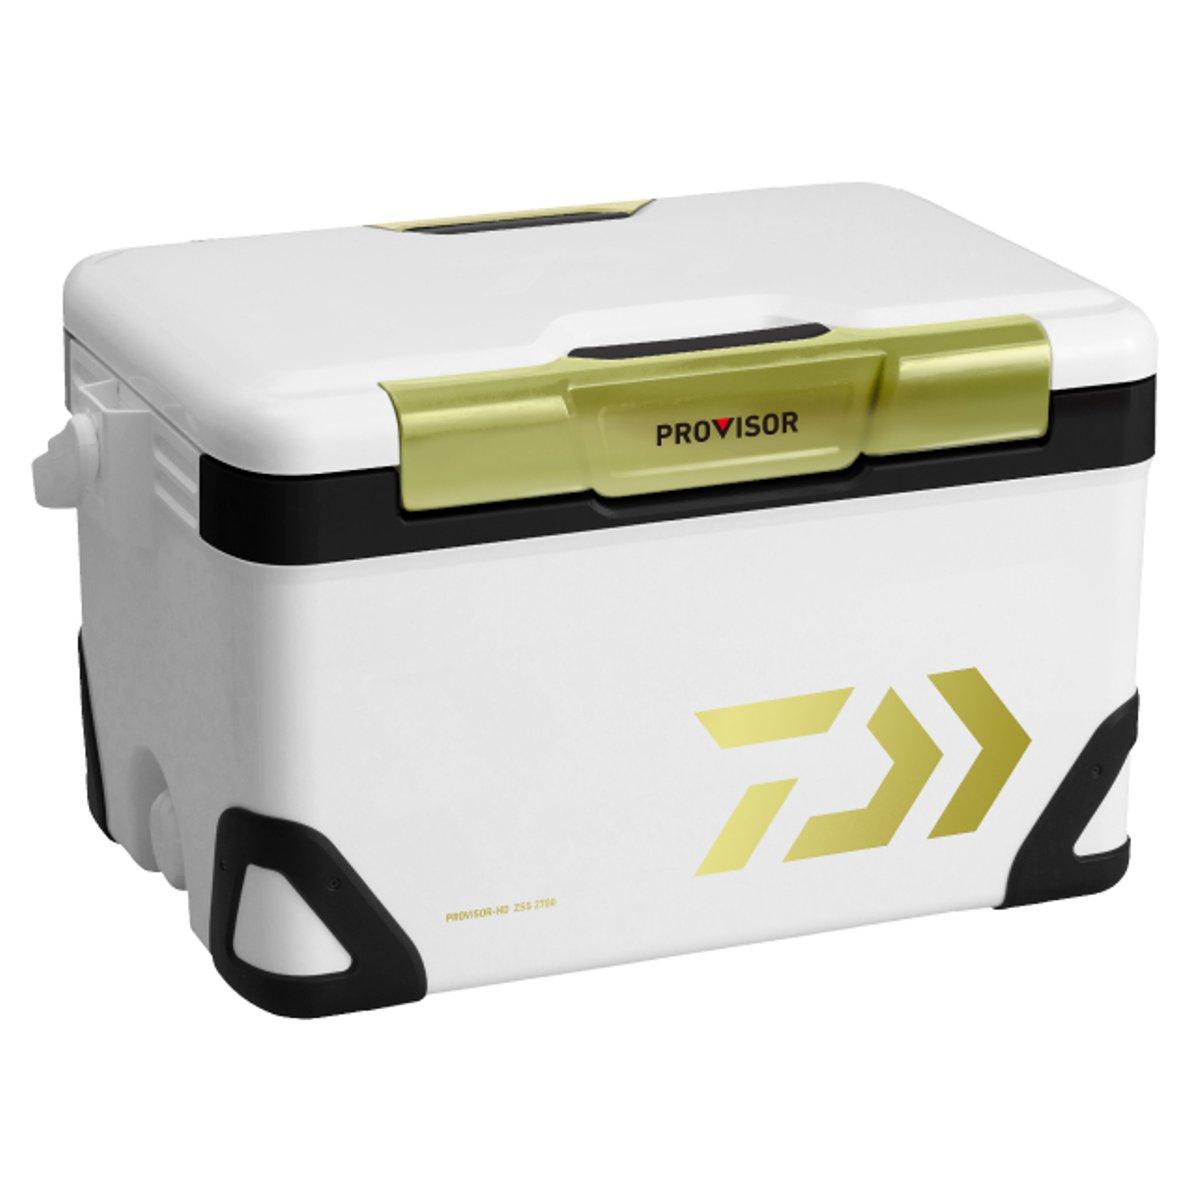 ダイワ プロバイザー HD ZSS 2700 シャンパンゴールド クーラーボックス(東日本店)